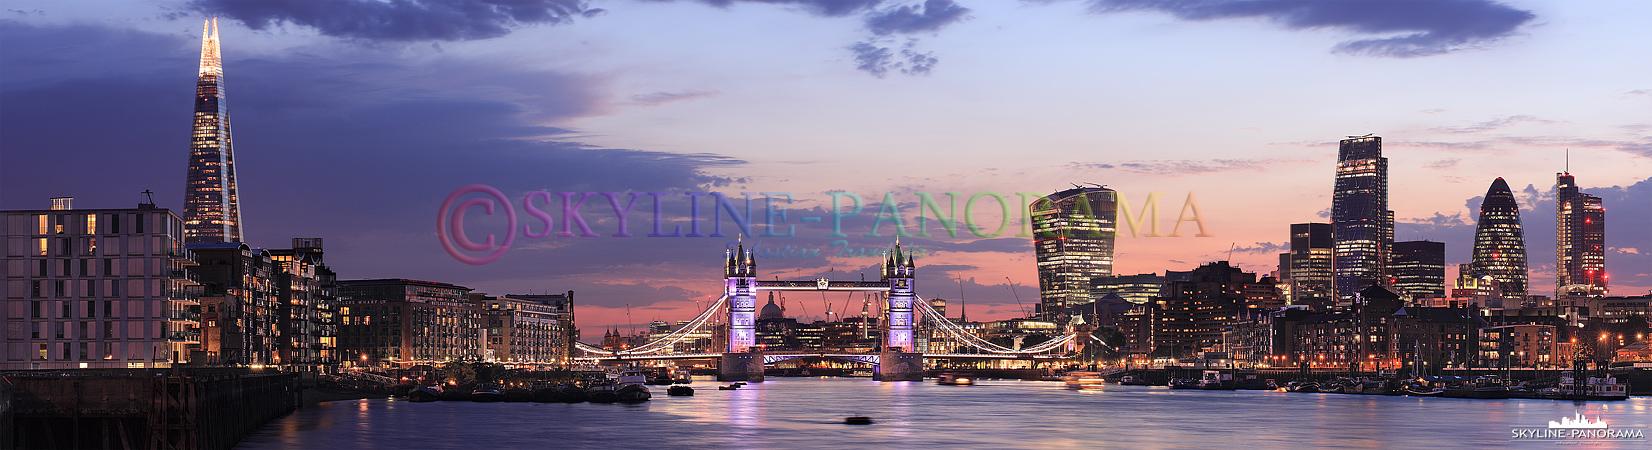 Panorama London by night - Die abendliche Skyline von London mit der historischen Tower Bridge und den futuristischen Wolkenkratzern der englischen Hauptstadt als Panorama.